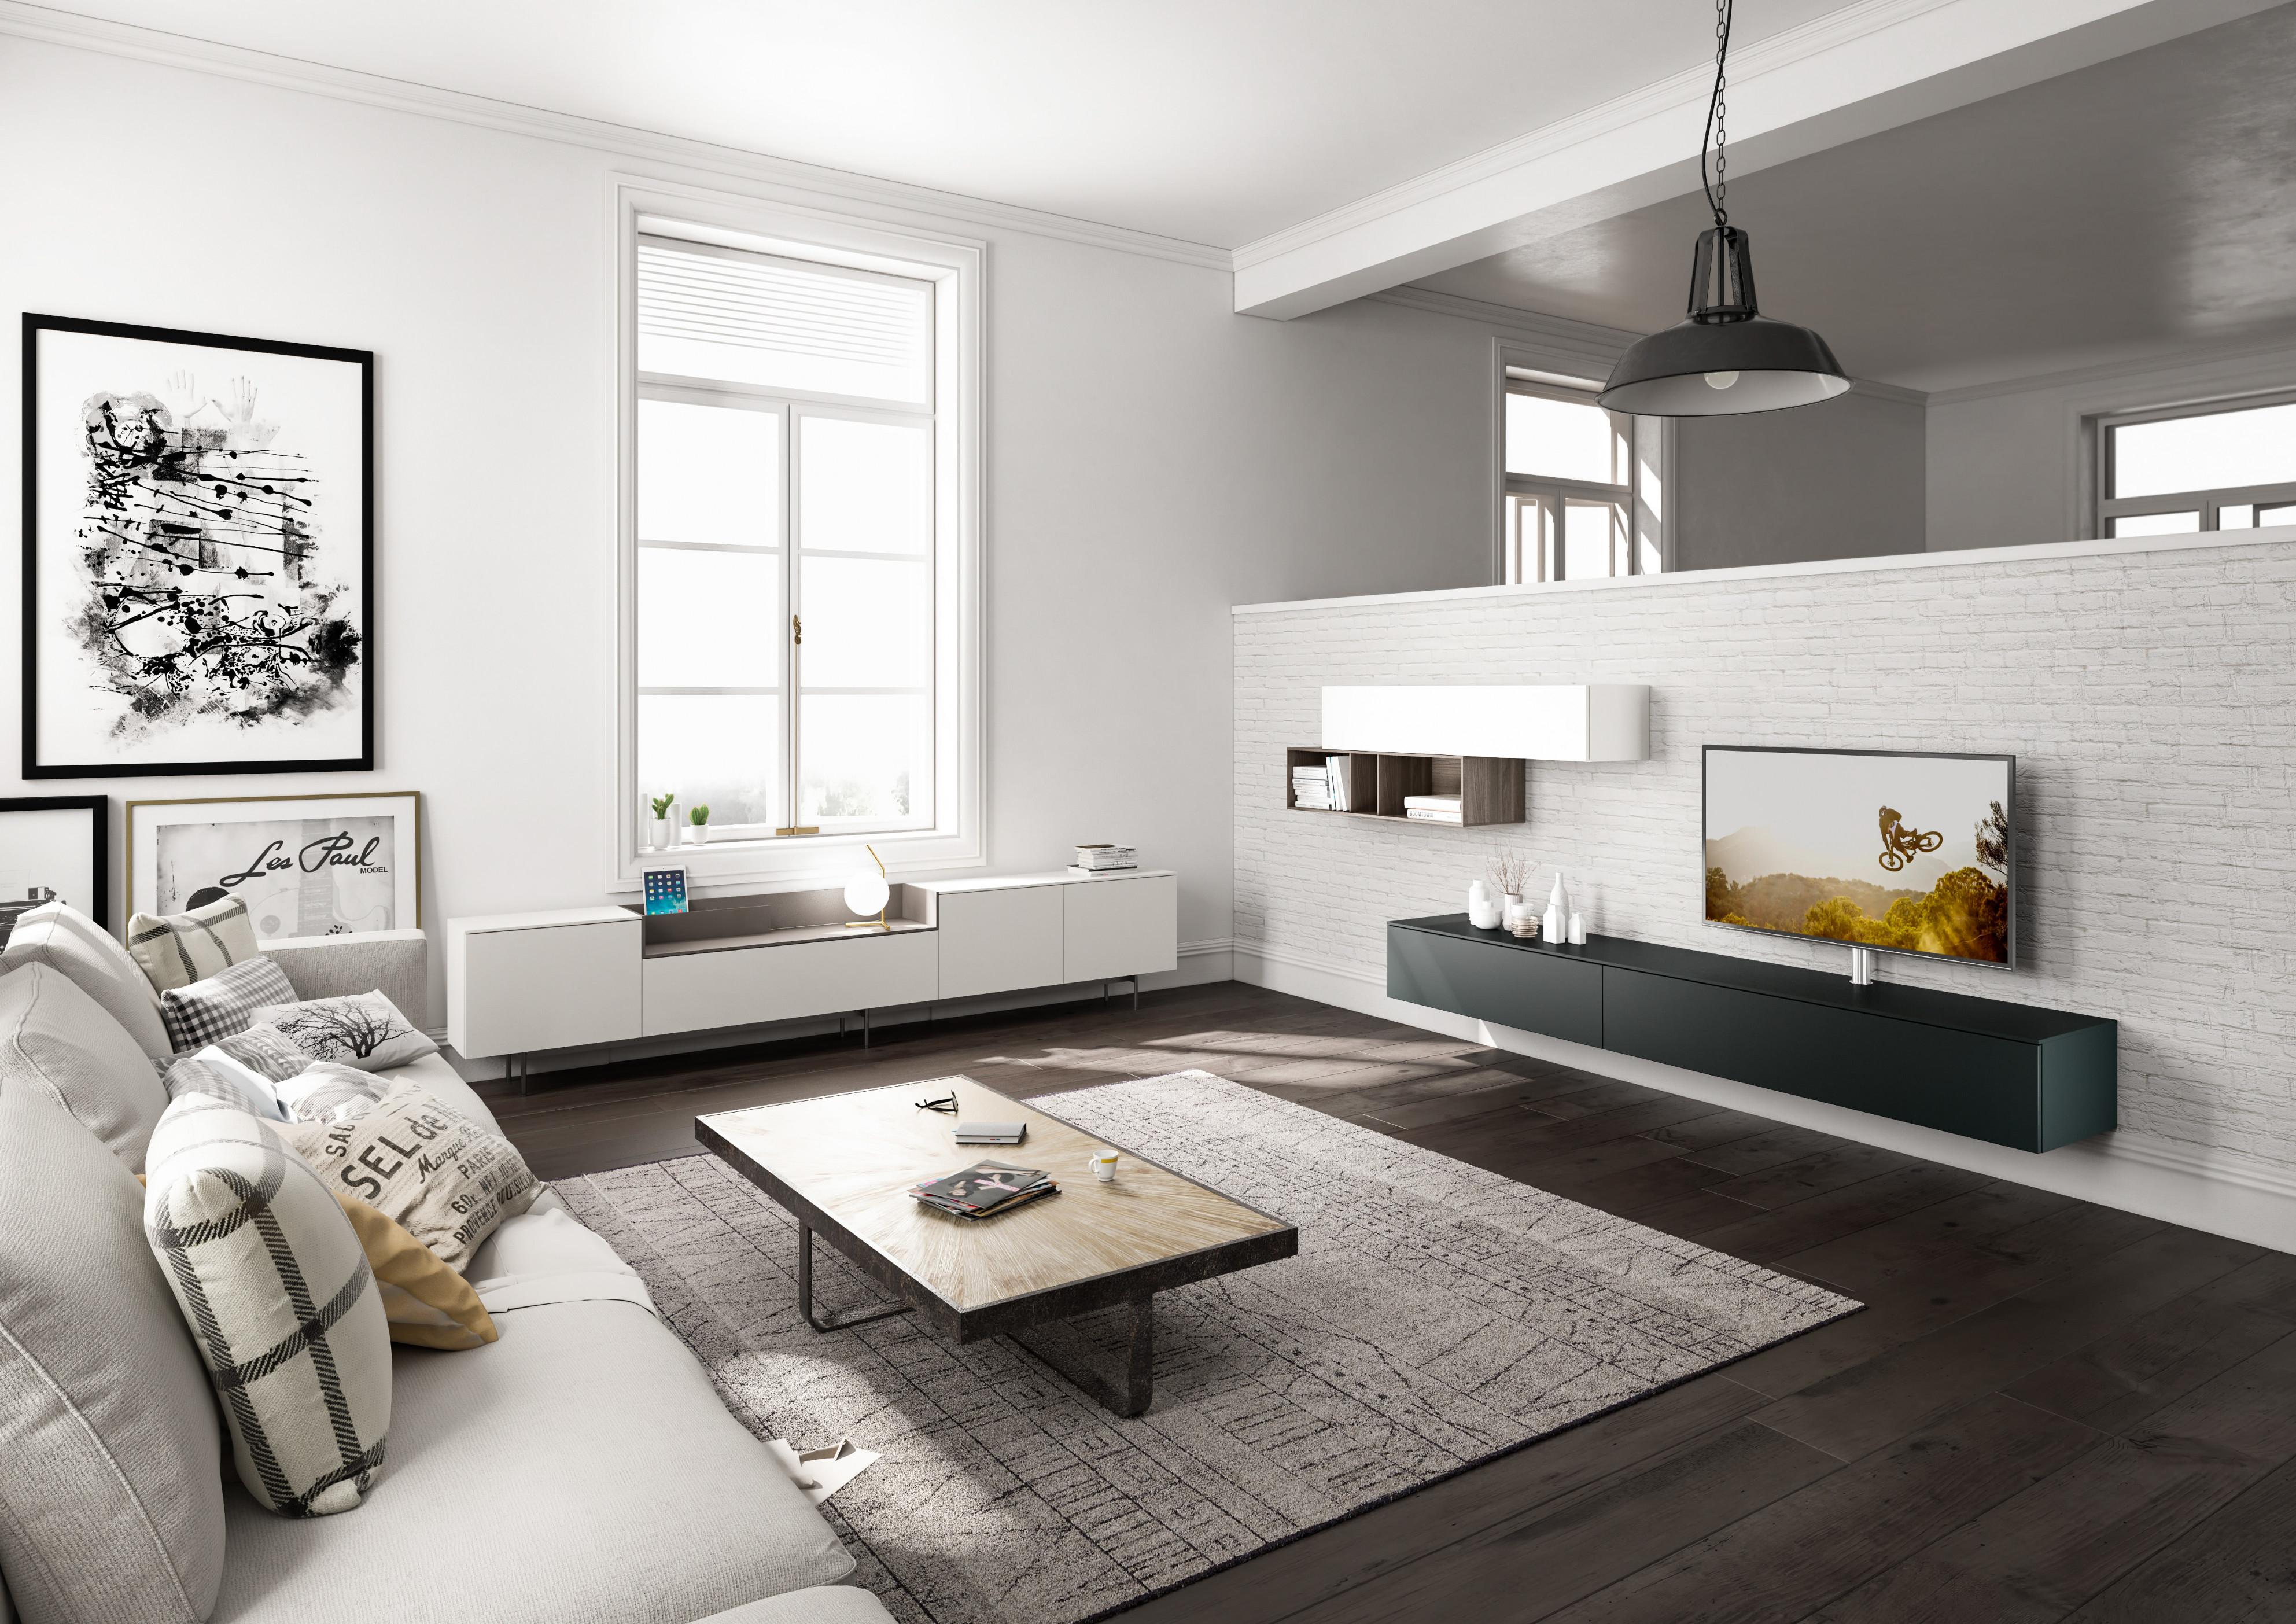 Wohnzimmergestaltung – Die Besten Ideen Tipps  Wohnbeispiele von Ideen Für Wohnzimmer Bild